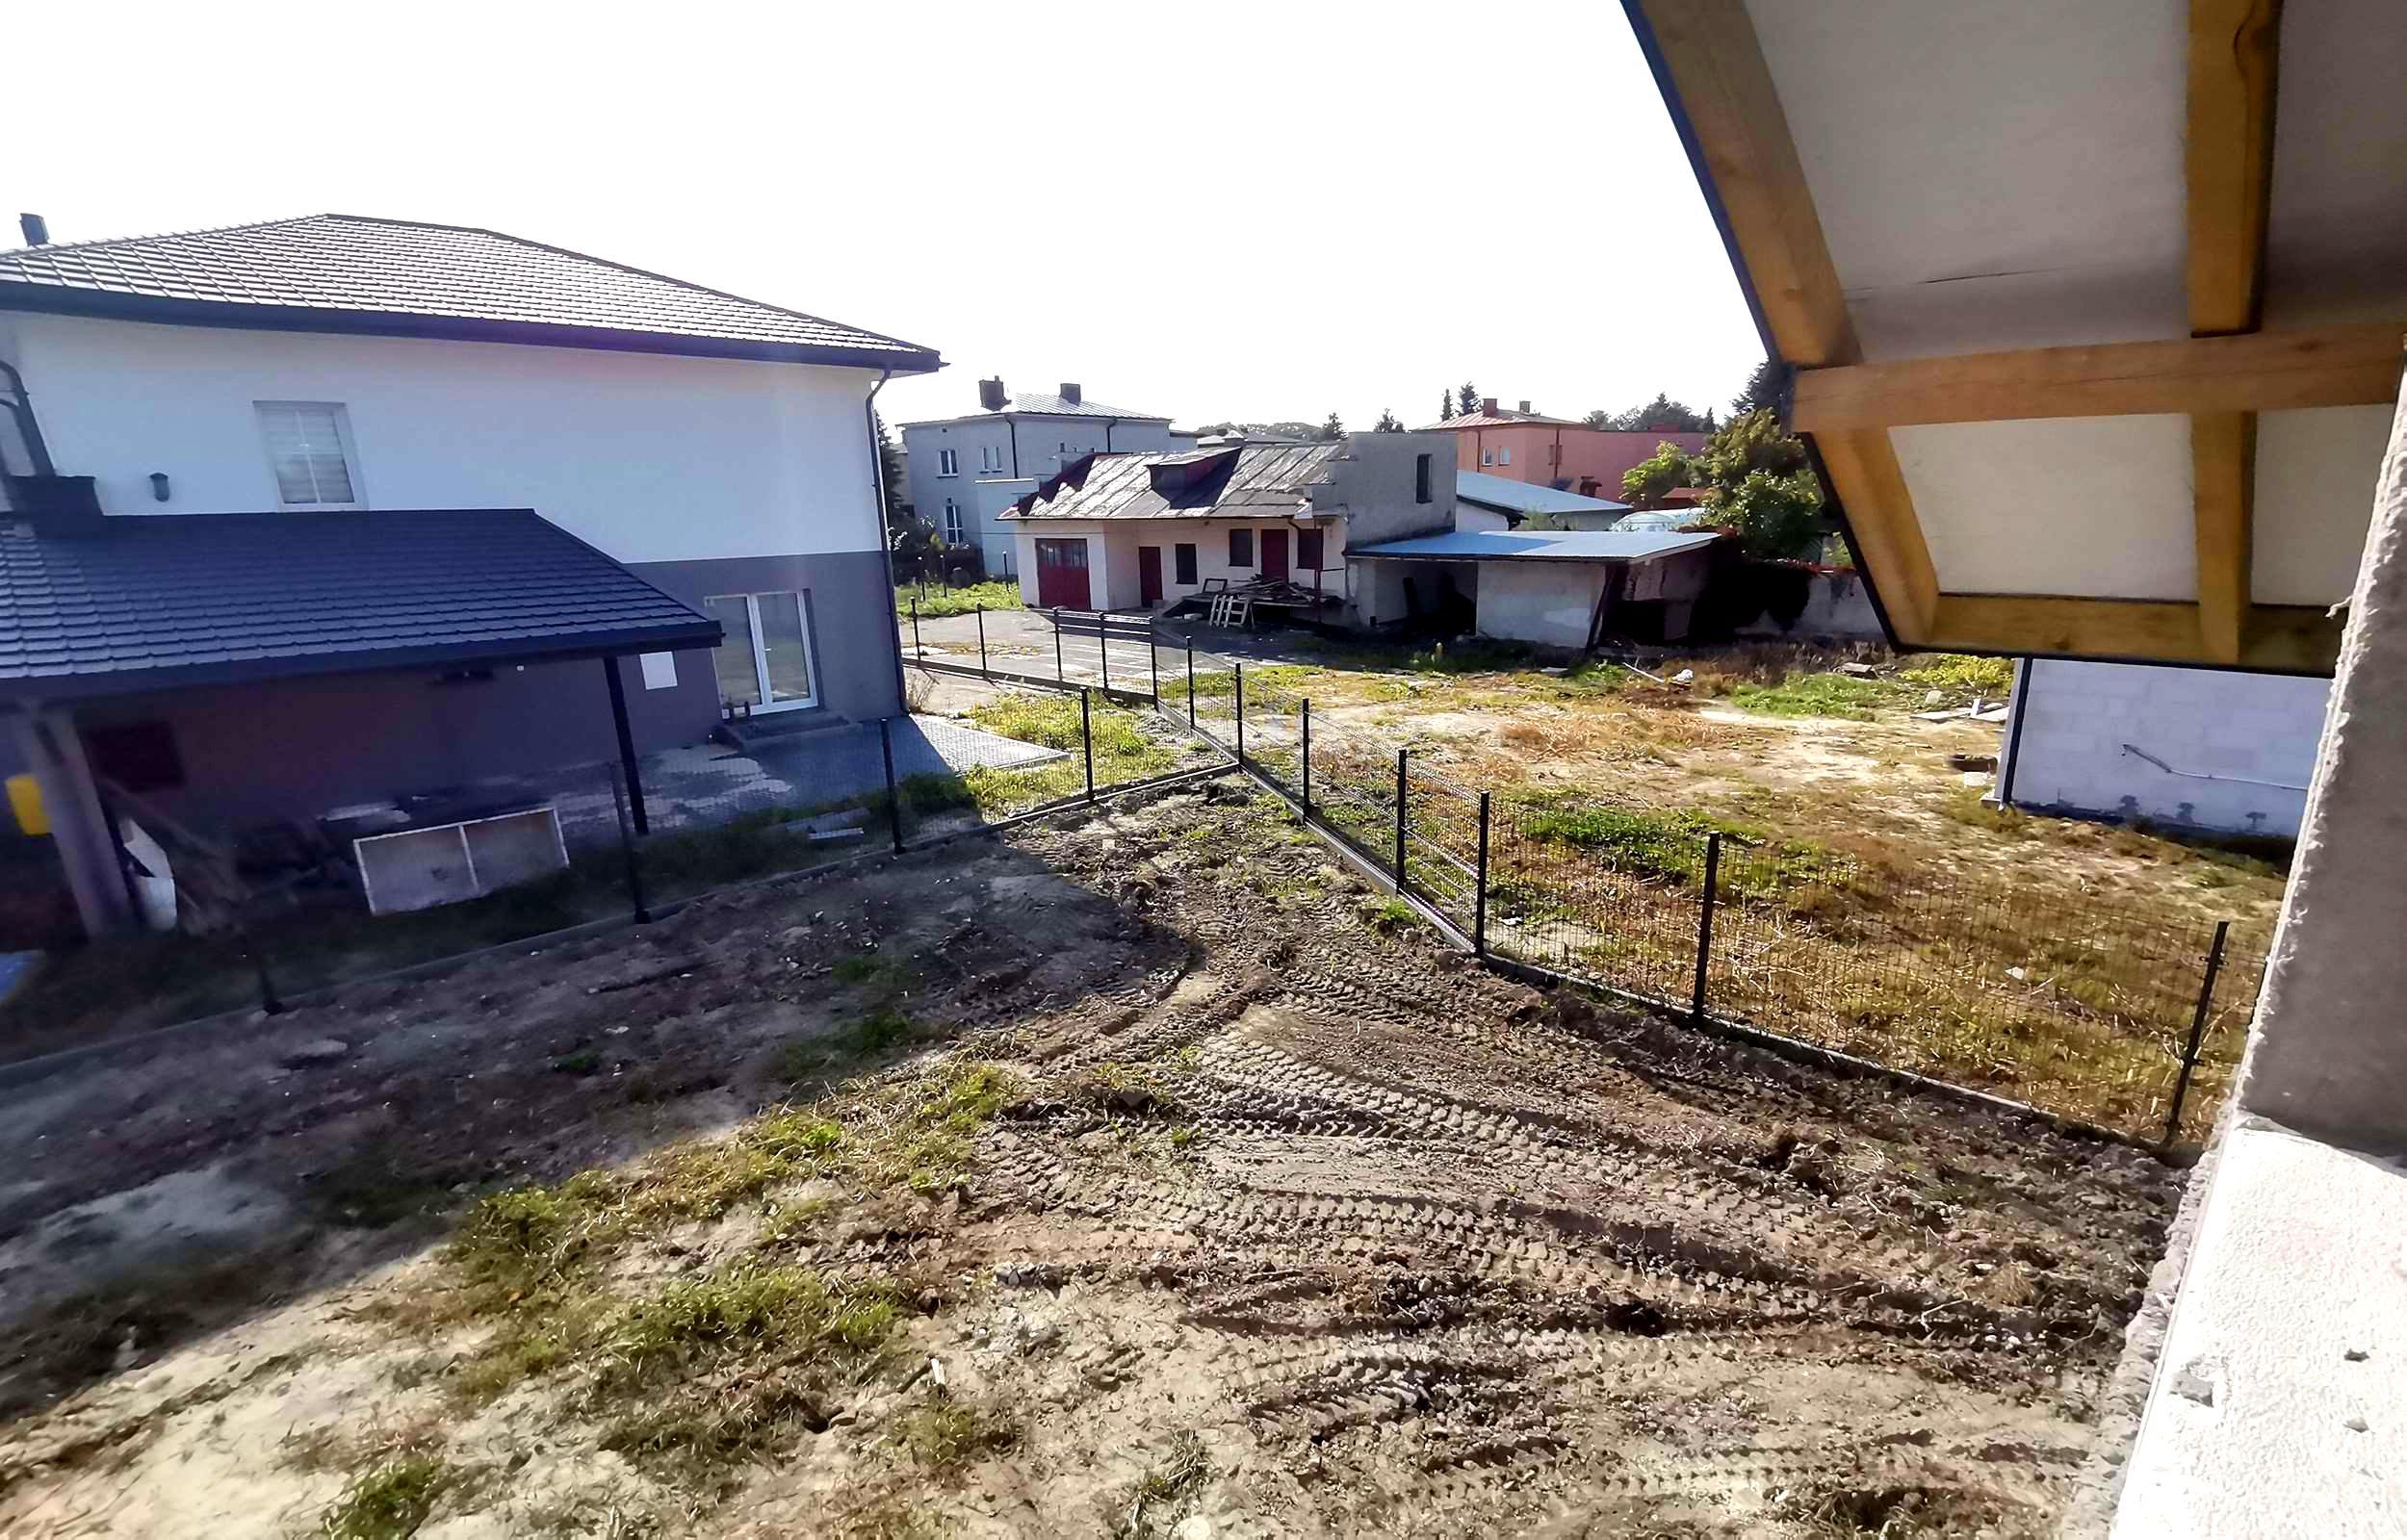 nowy dom zamosc staffa - dom na sprzedaż - Krzysztof Górski Nieruchomości Zamość